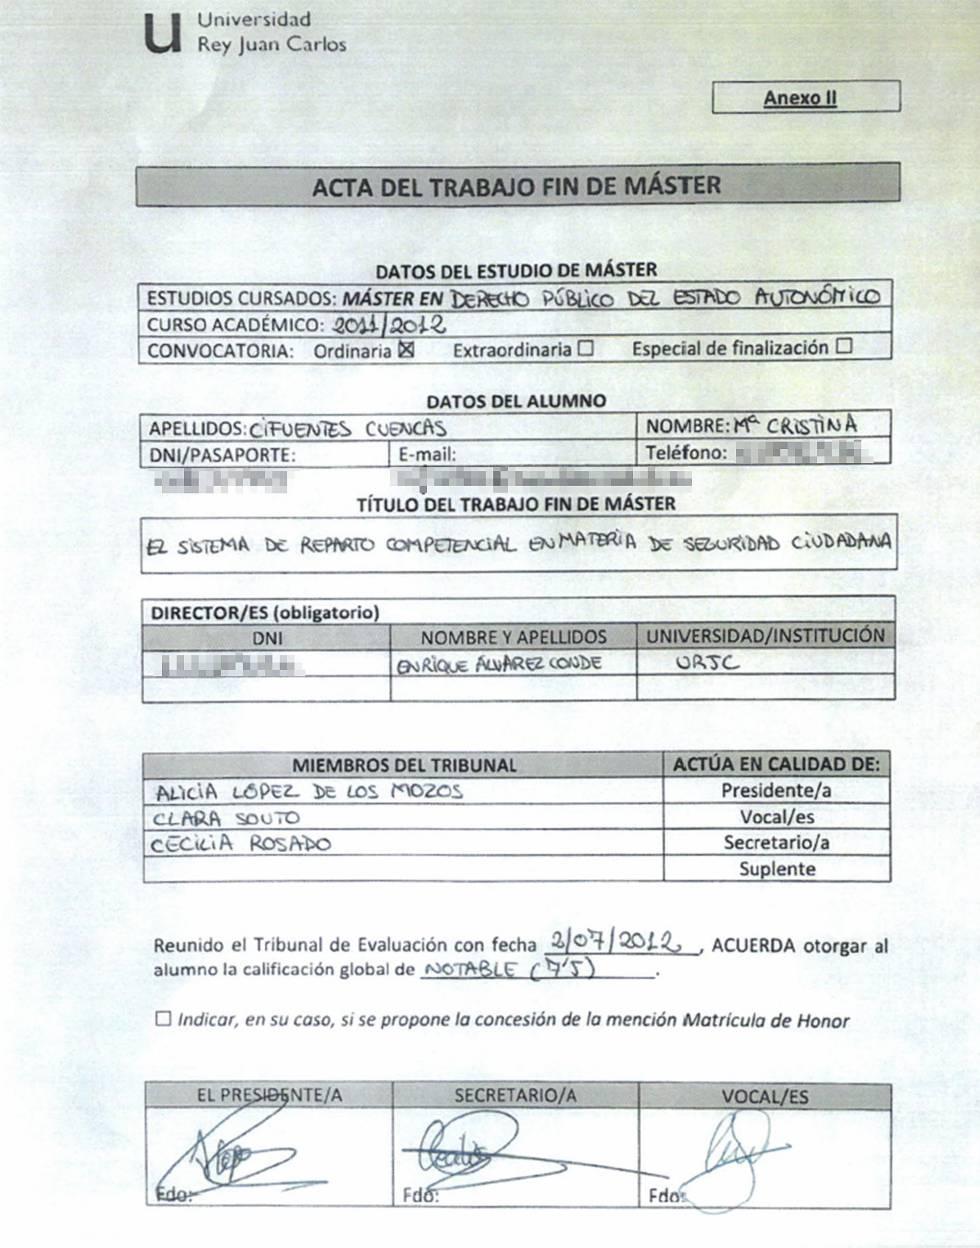 Acta del Trabajo de fin de Máster de Cristina Cifuentes.